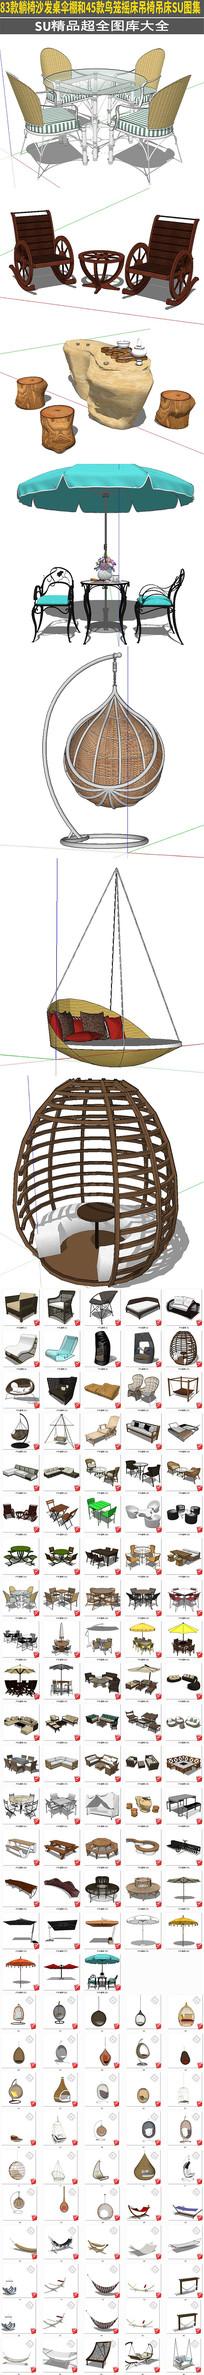 躺椅沙发桌伞棚和鸟笼摇床吊椅吊床SU图集